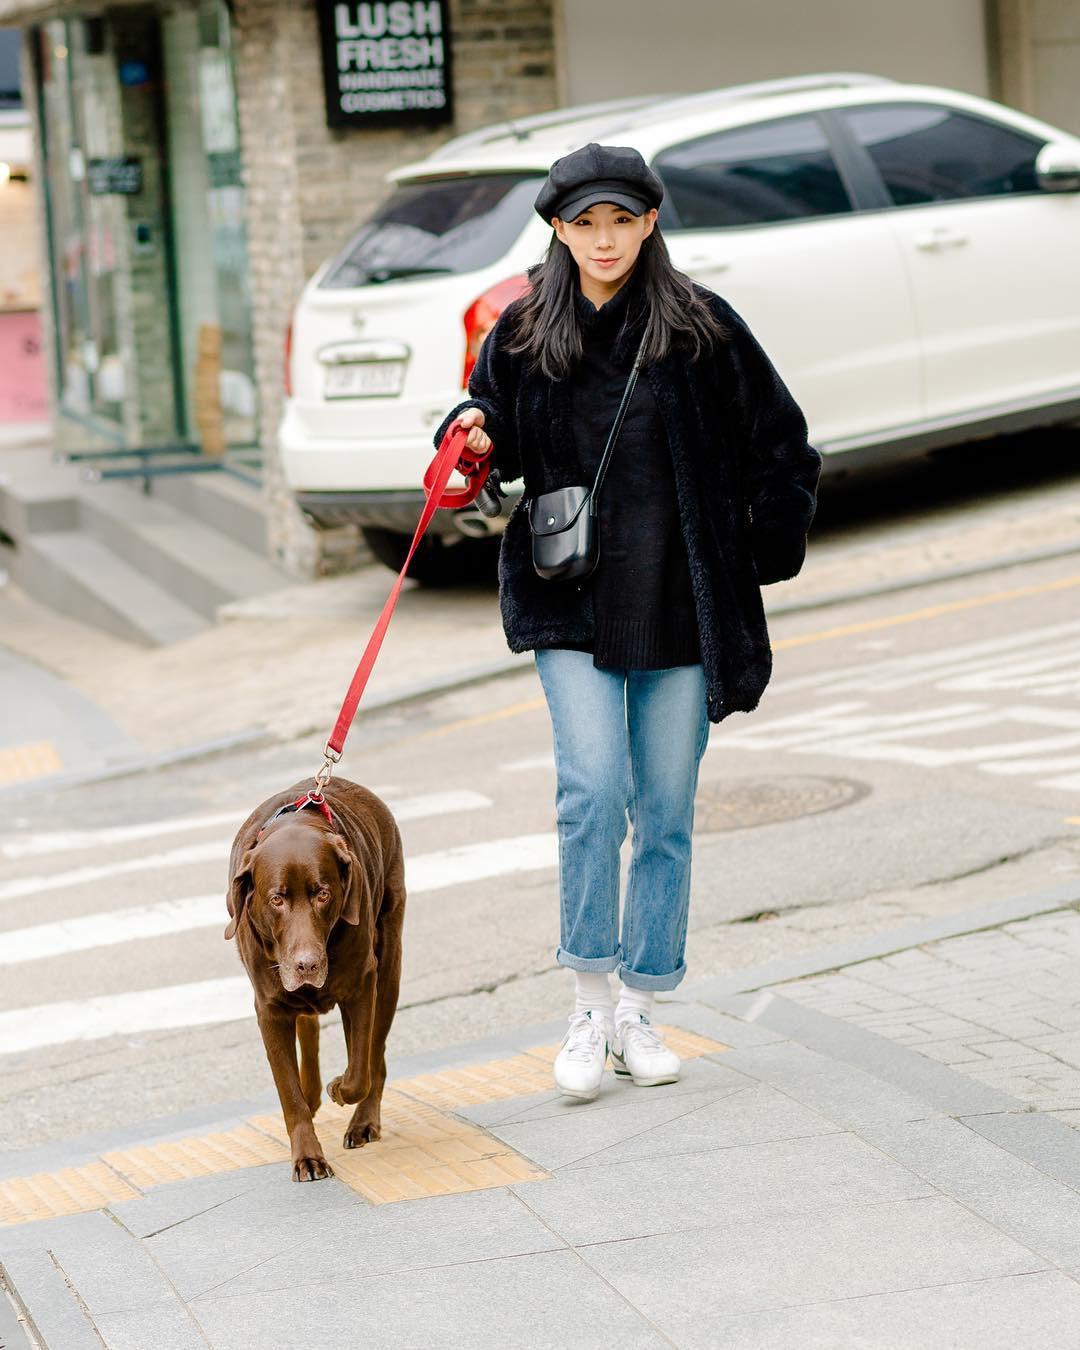 Mê phong cách đơn giản, bụi bặm hay chanh xả, bạn cũng sẽ bỏ túi được cả rổ gợi ý từ street style tuần qua của giới trẻ Hàn - Ảnh 3.